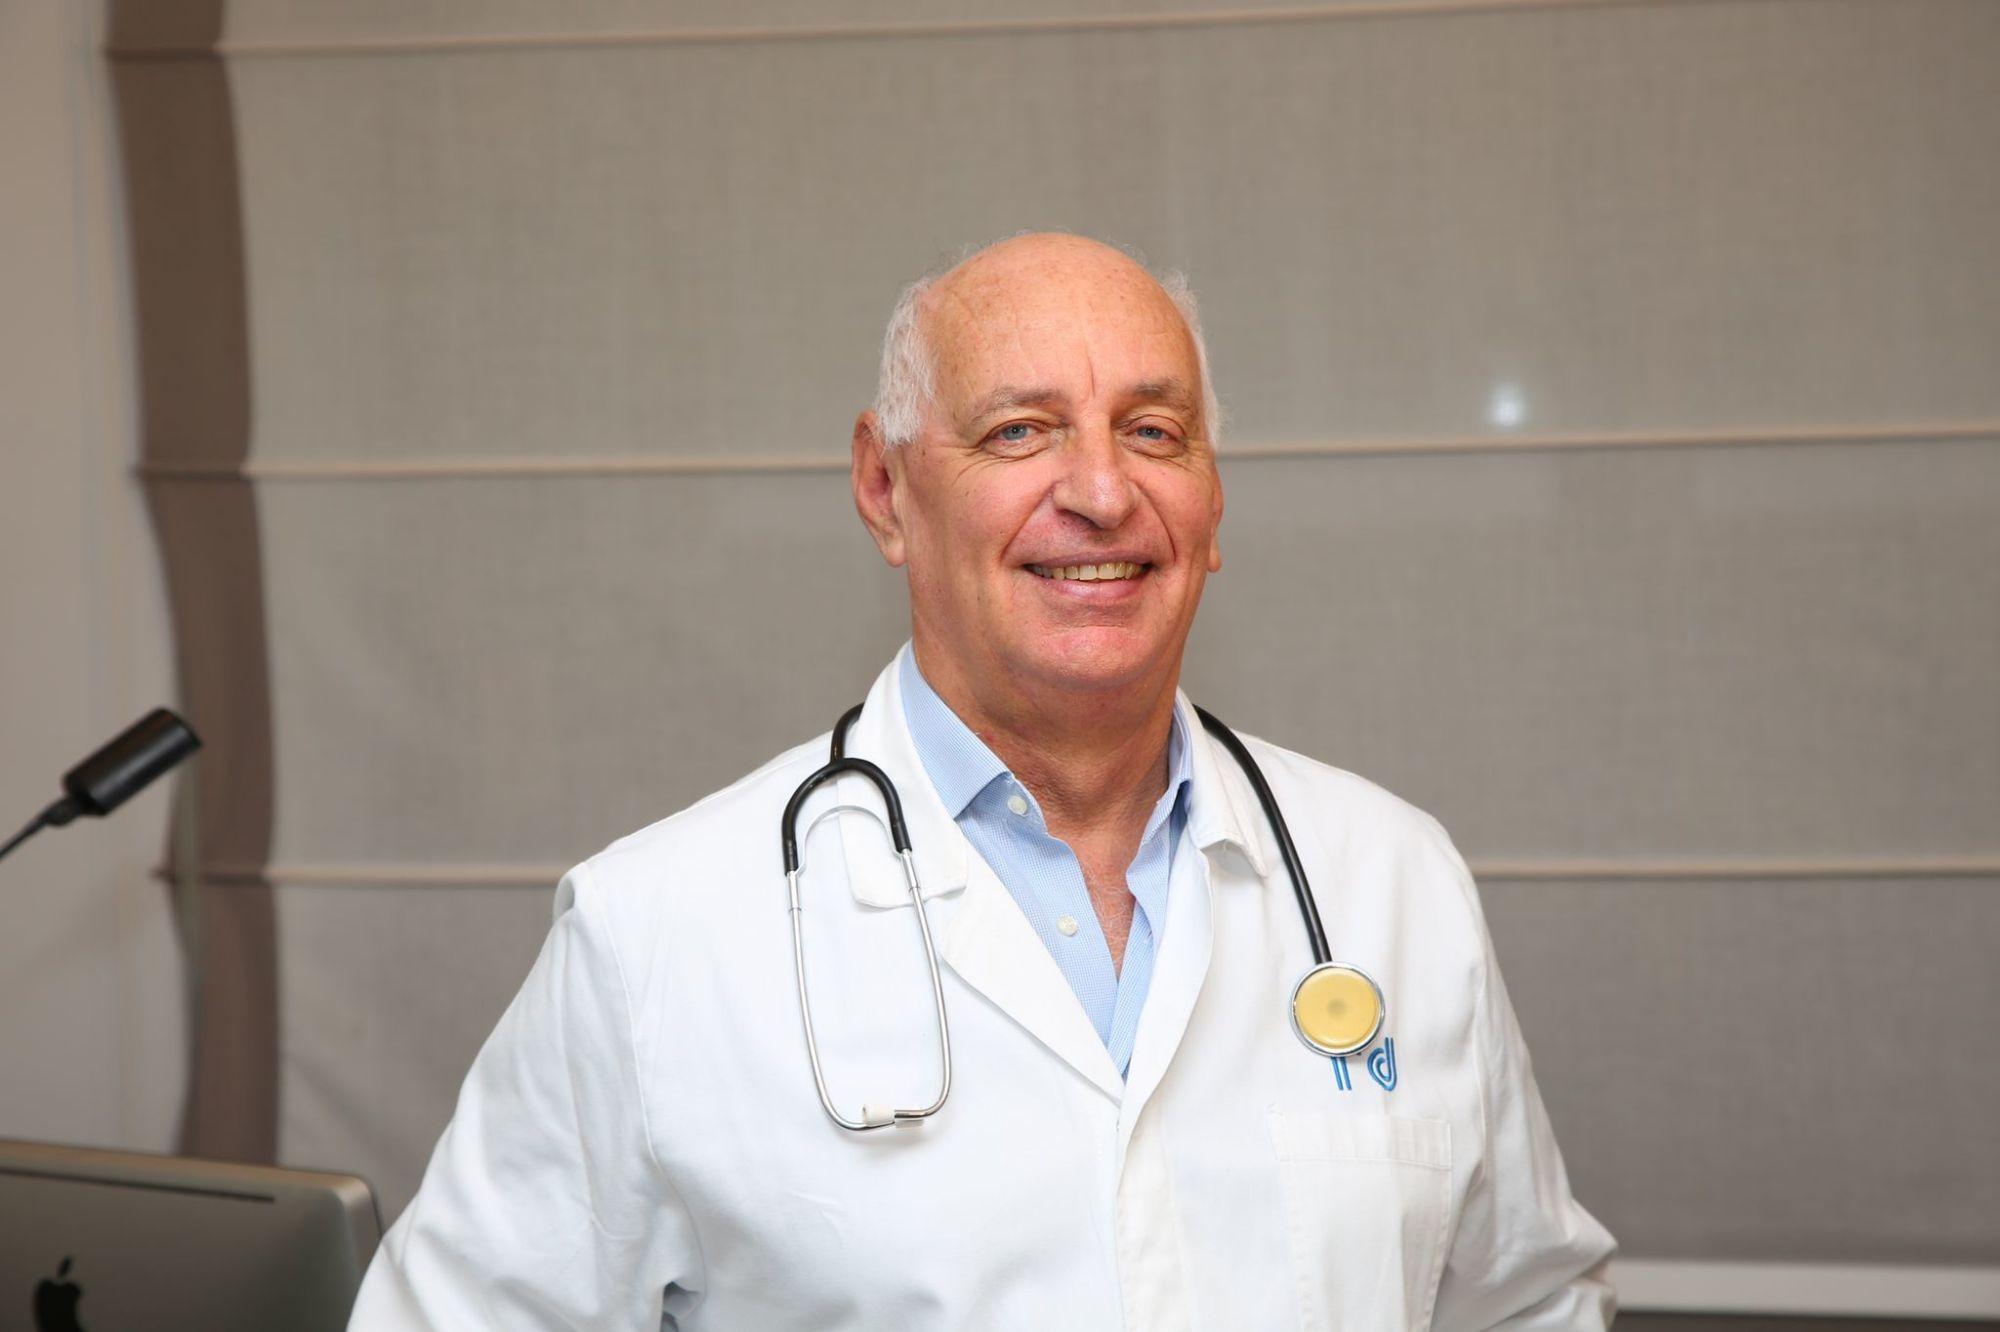 Chirurgia plastica, nasce il vademecum SICPRE per eseguire i trattamenti in sicurezza rispetto ai vaccini